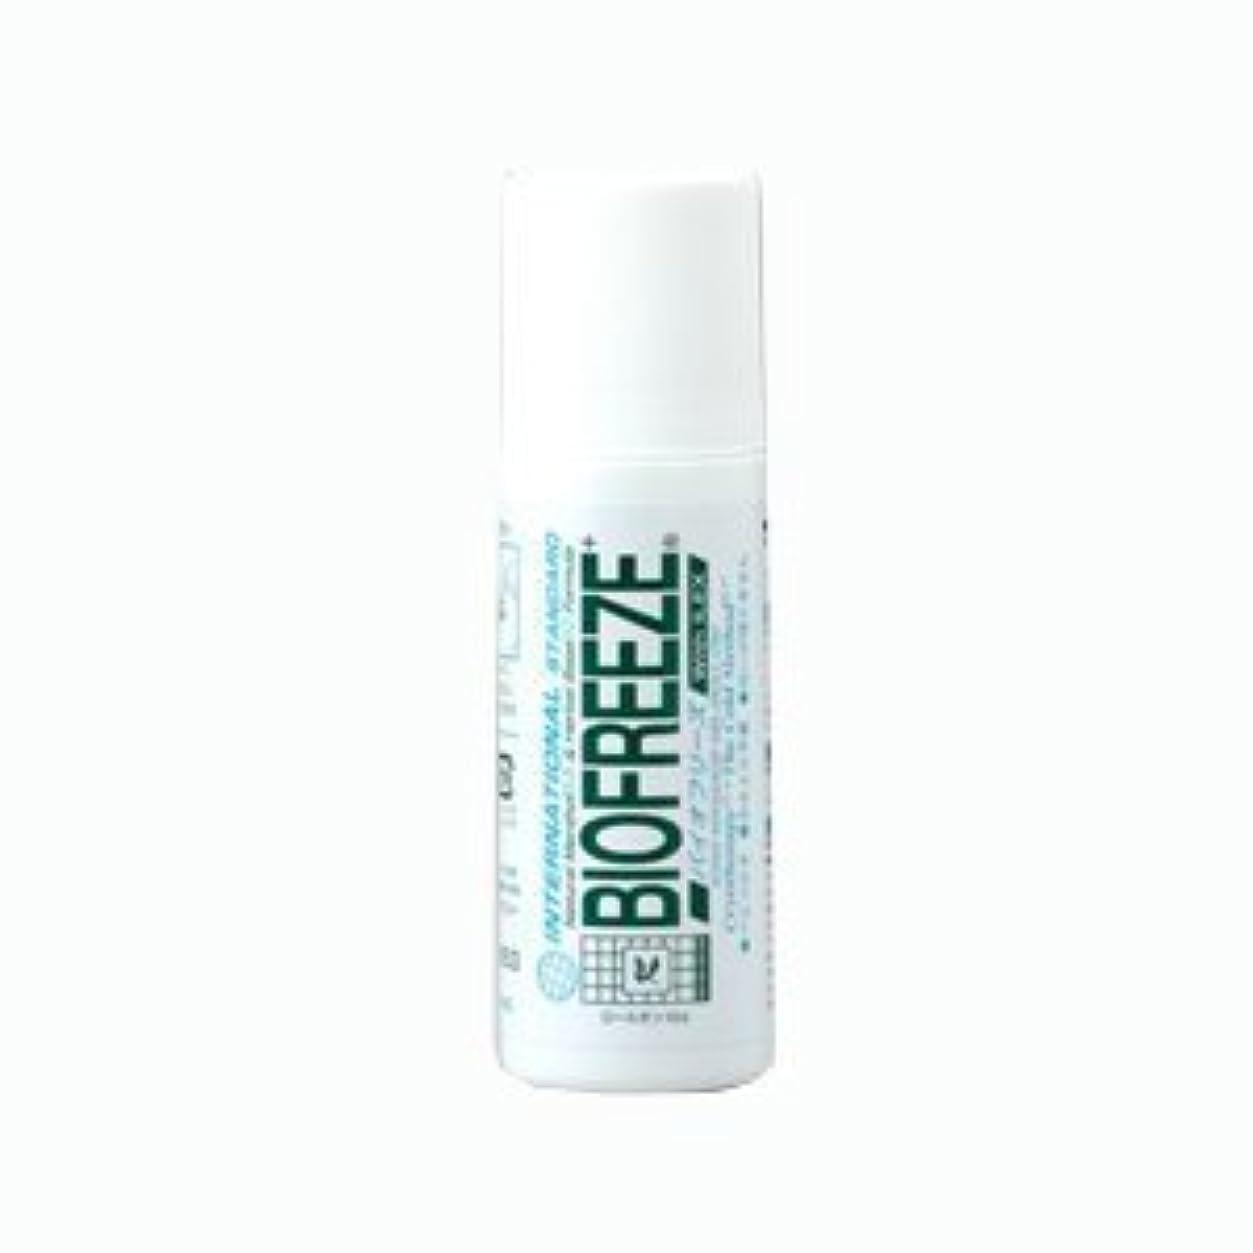 畝間請求可能香りバイオフリーズ(BIOFREEZE) ロールオン 82g - ボディ用、ロールタイプ!